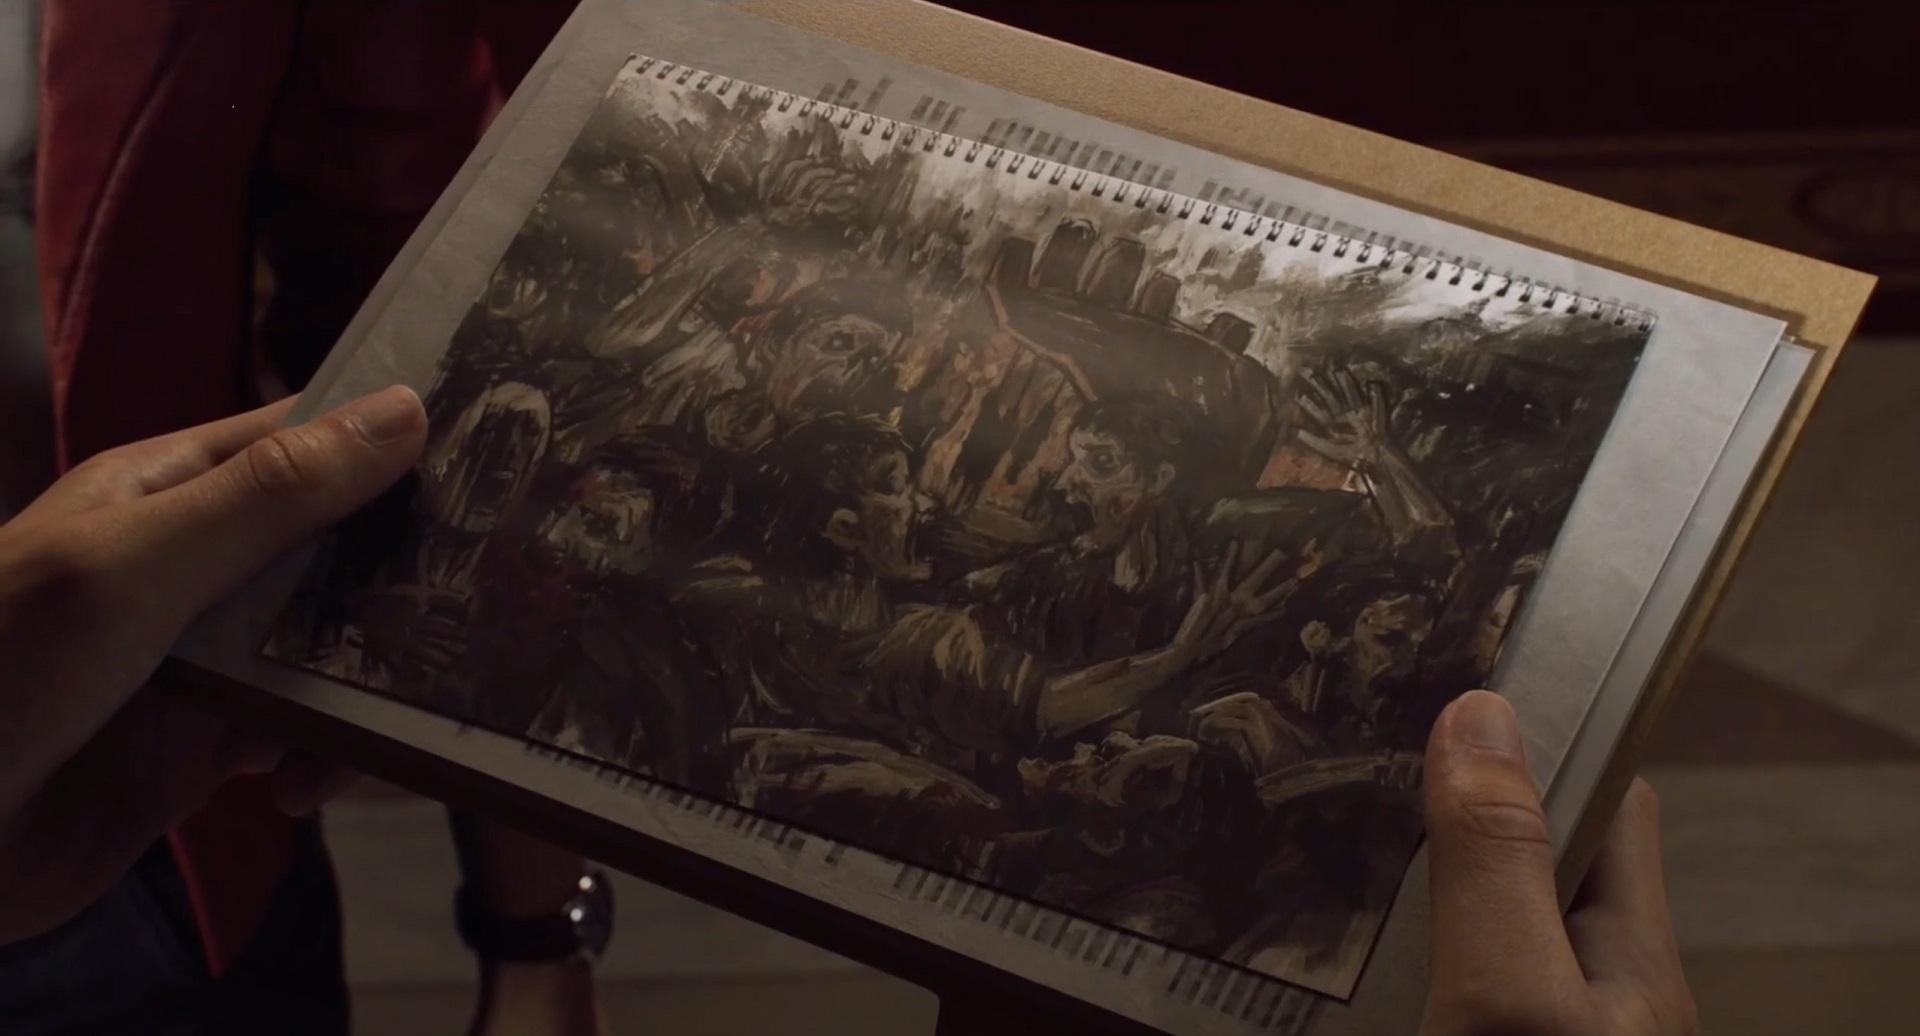 La Casa Blanca es atacada por zombies en el nuevo adelanto de Resident Evil:  Infinite Darkness - La Tercera